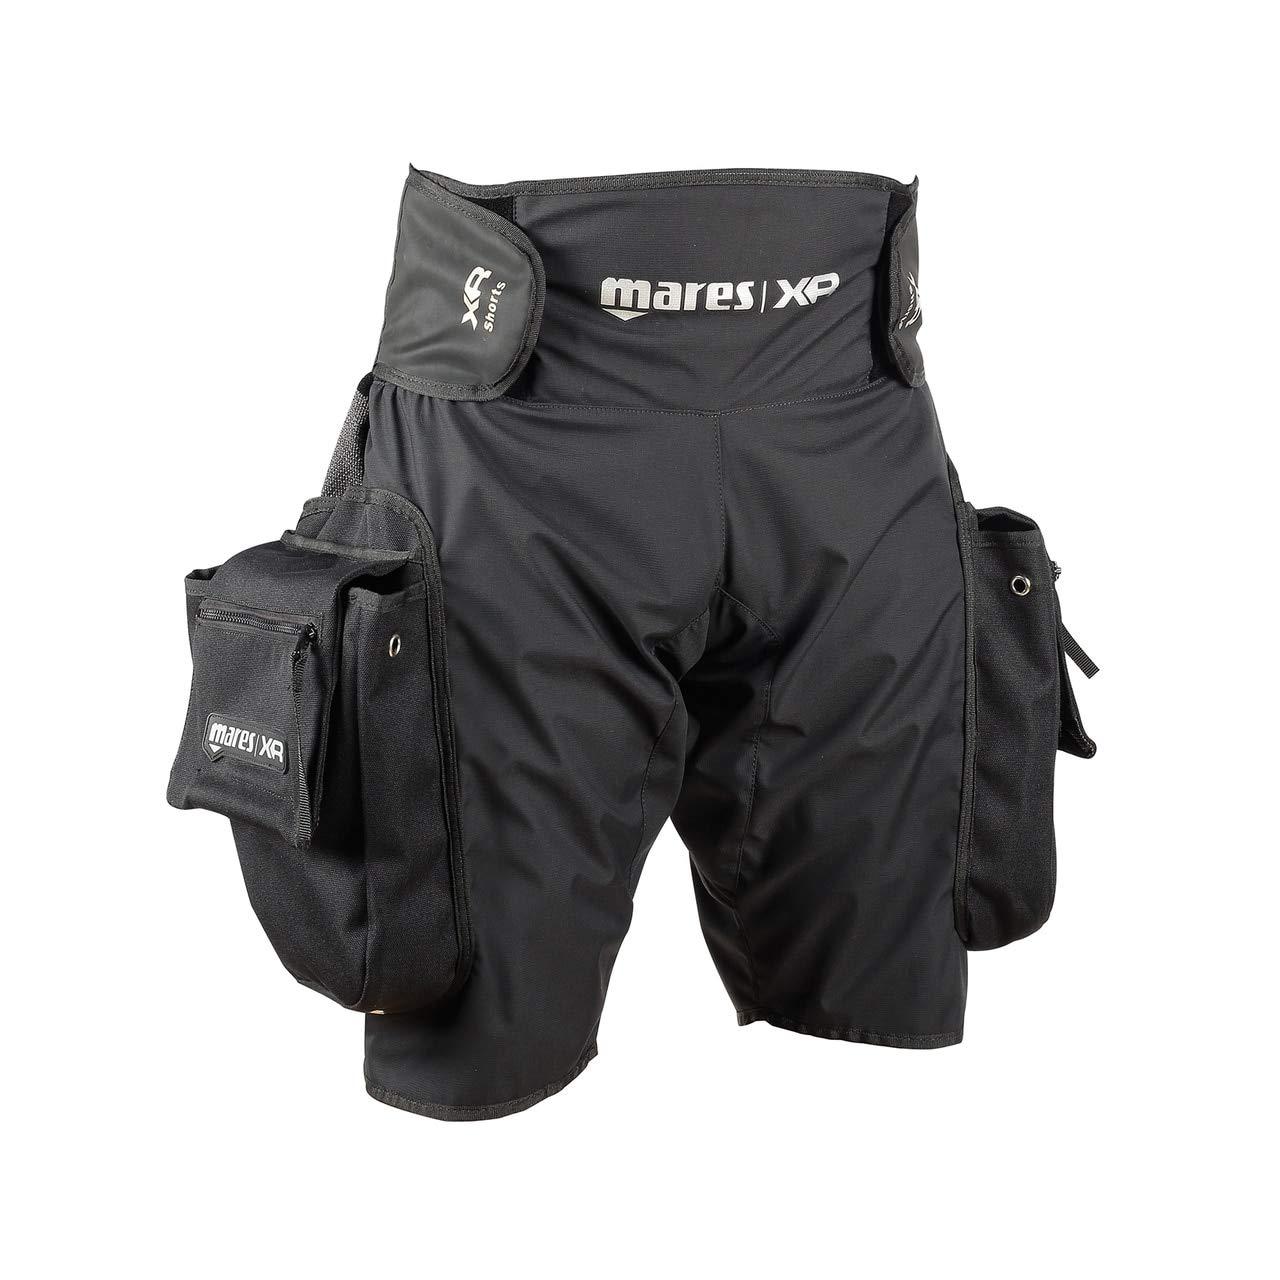 Mares XR Tek Pocket Untra Light Shorts Scuba Diving Wetsuit Tech Gear 412032 by Mares